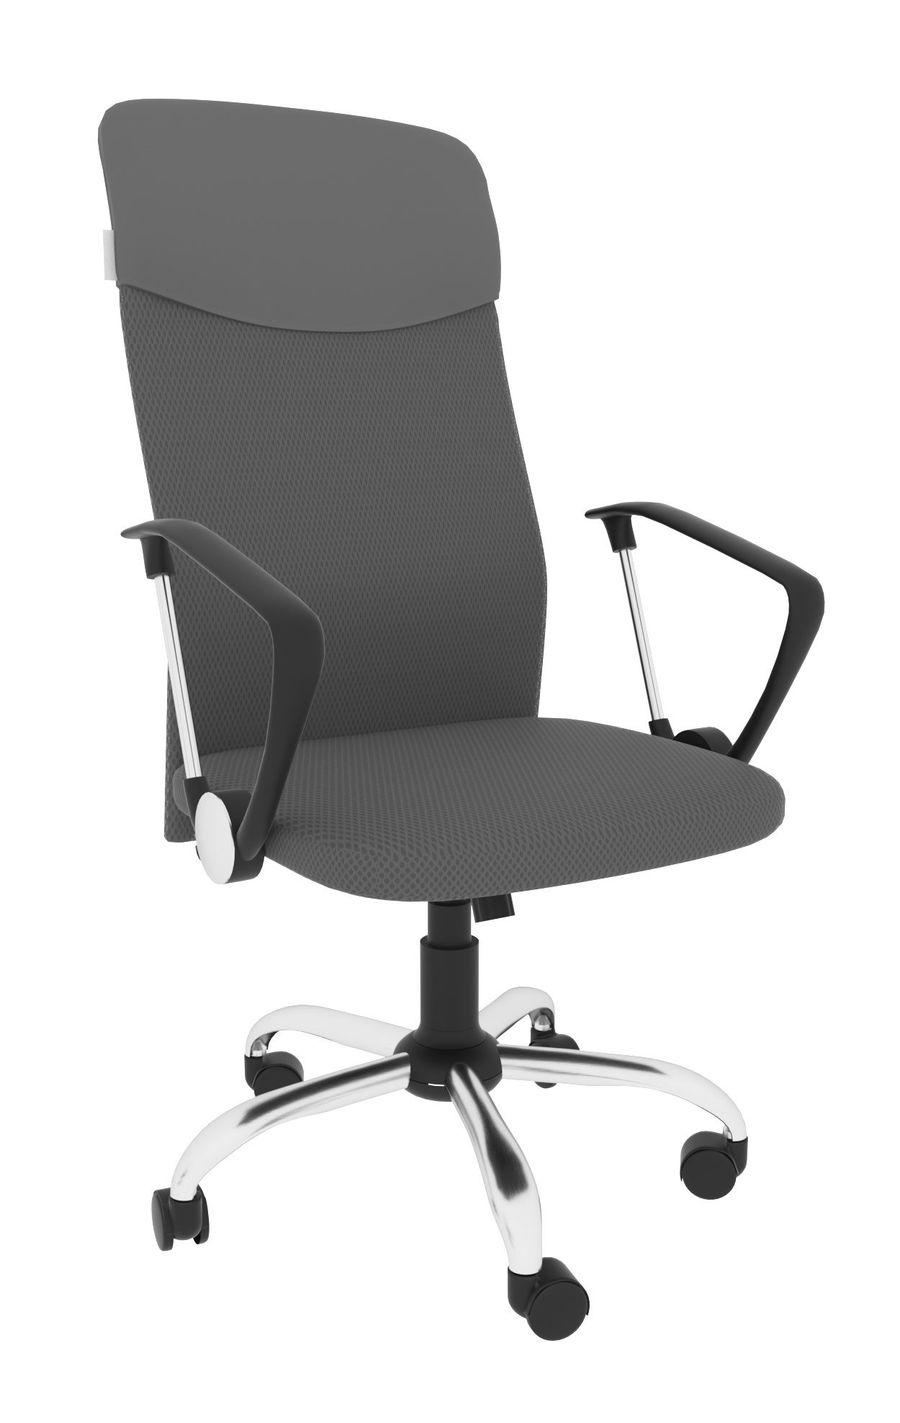 Офисное кресло Экспресс офис 17 Array